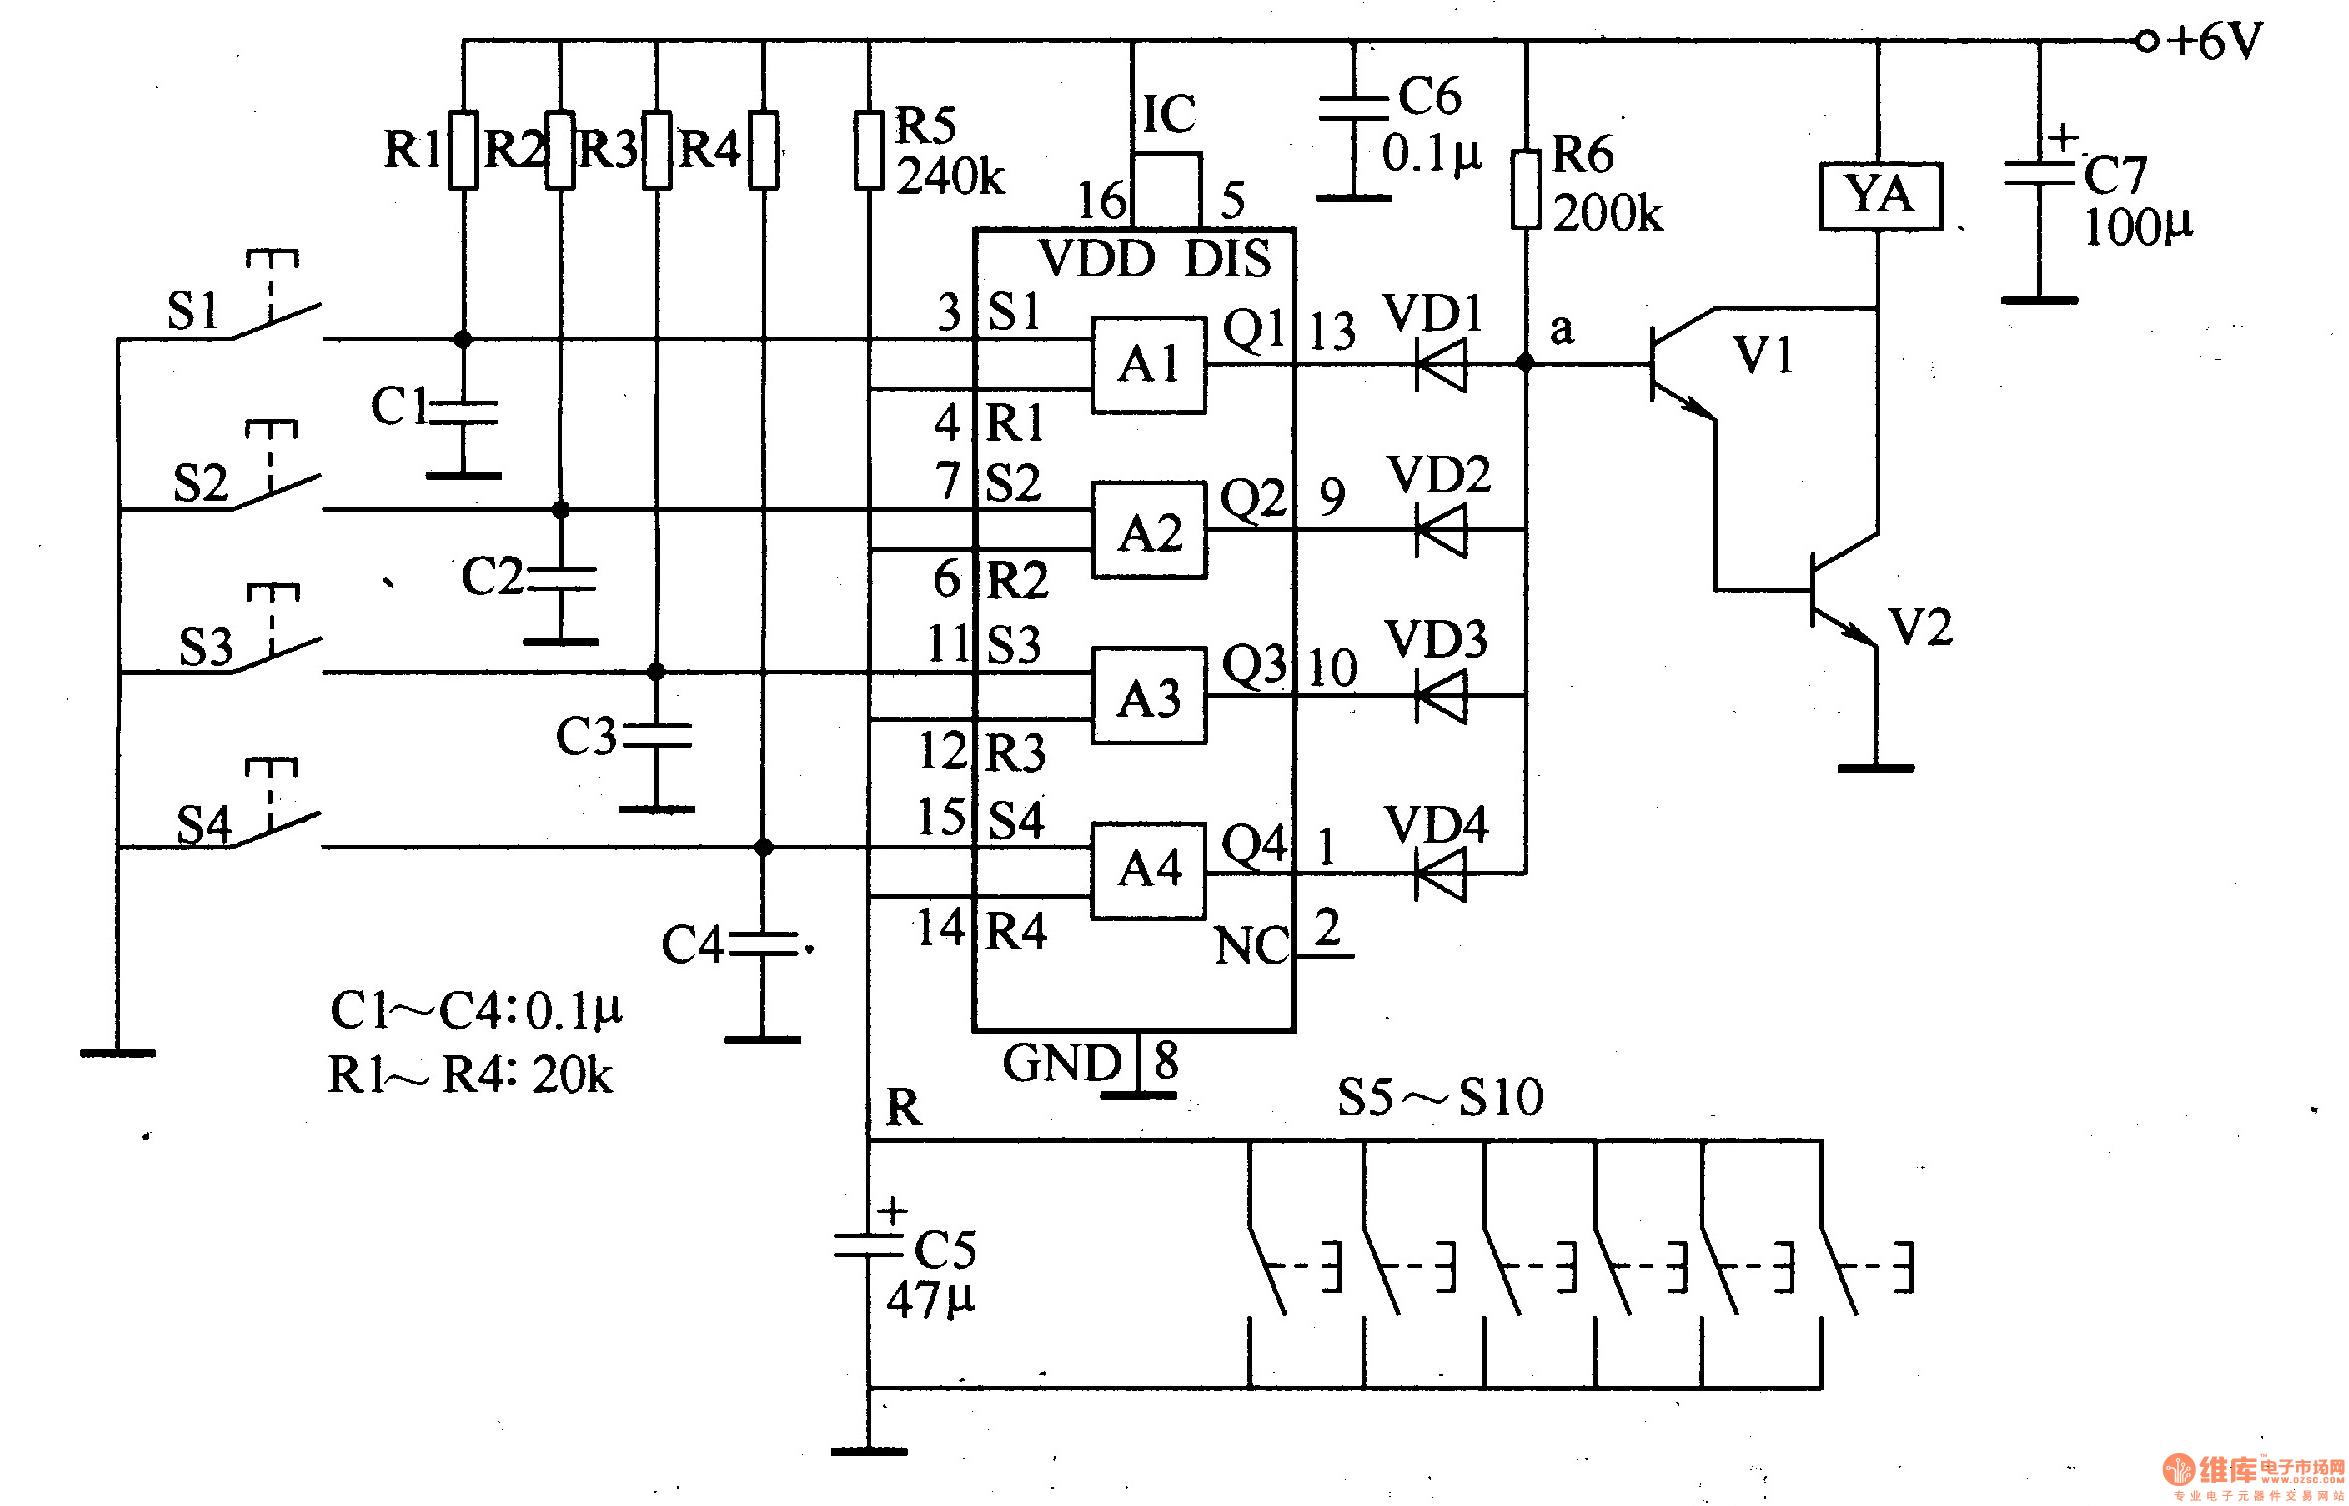 本例介绍一款采用cd4044数字集成电路和少量外围